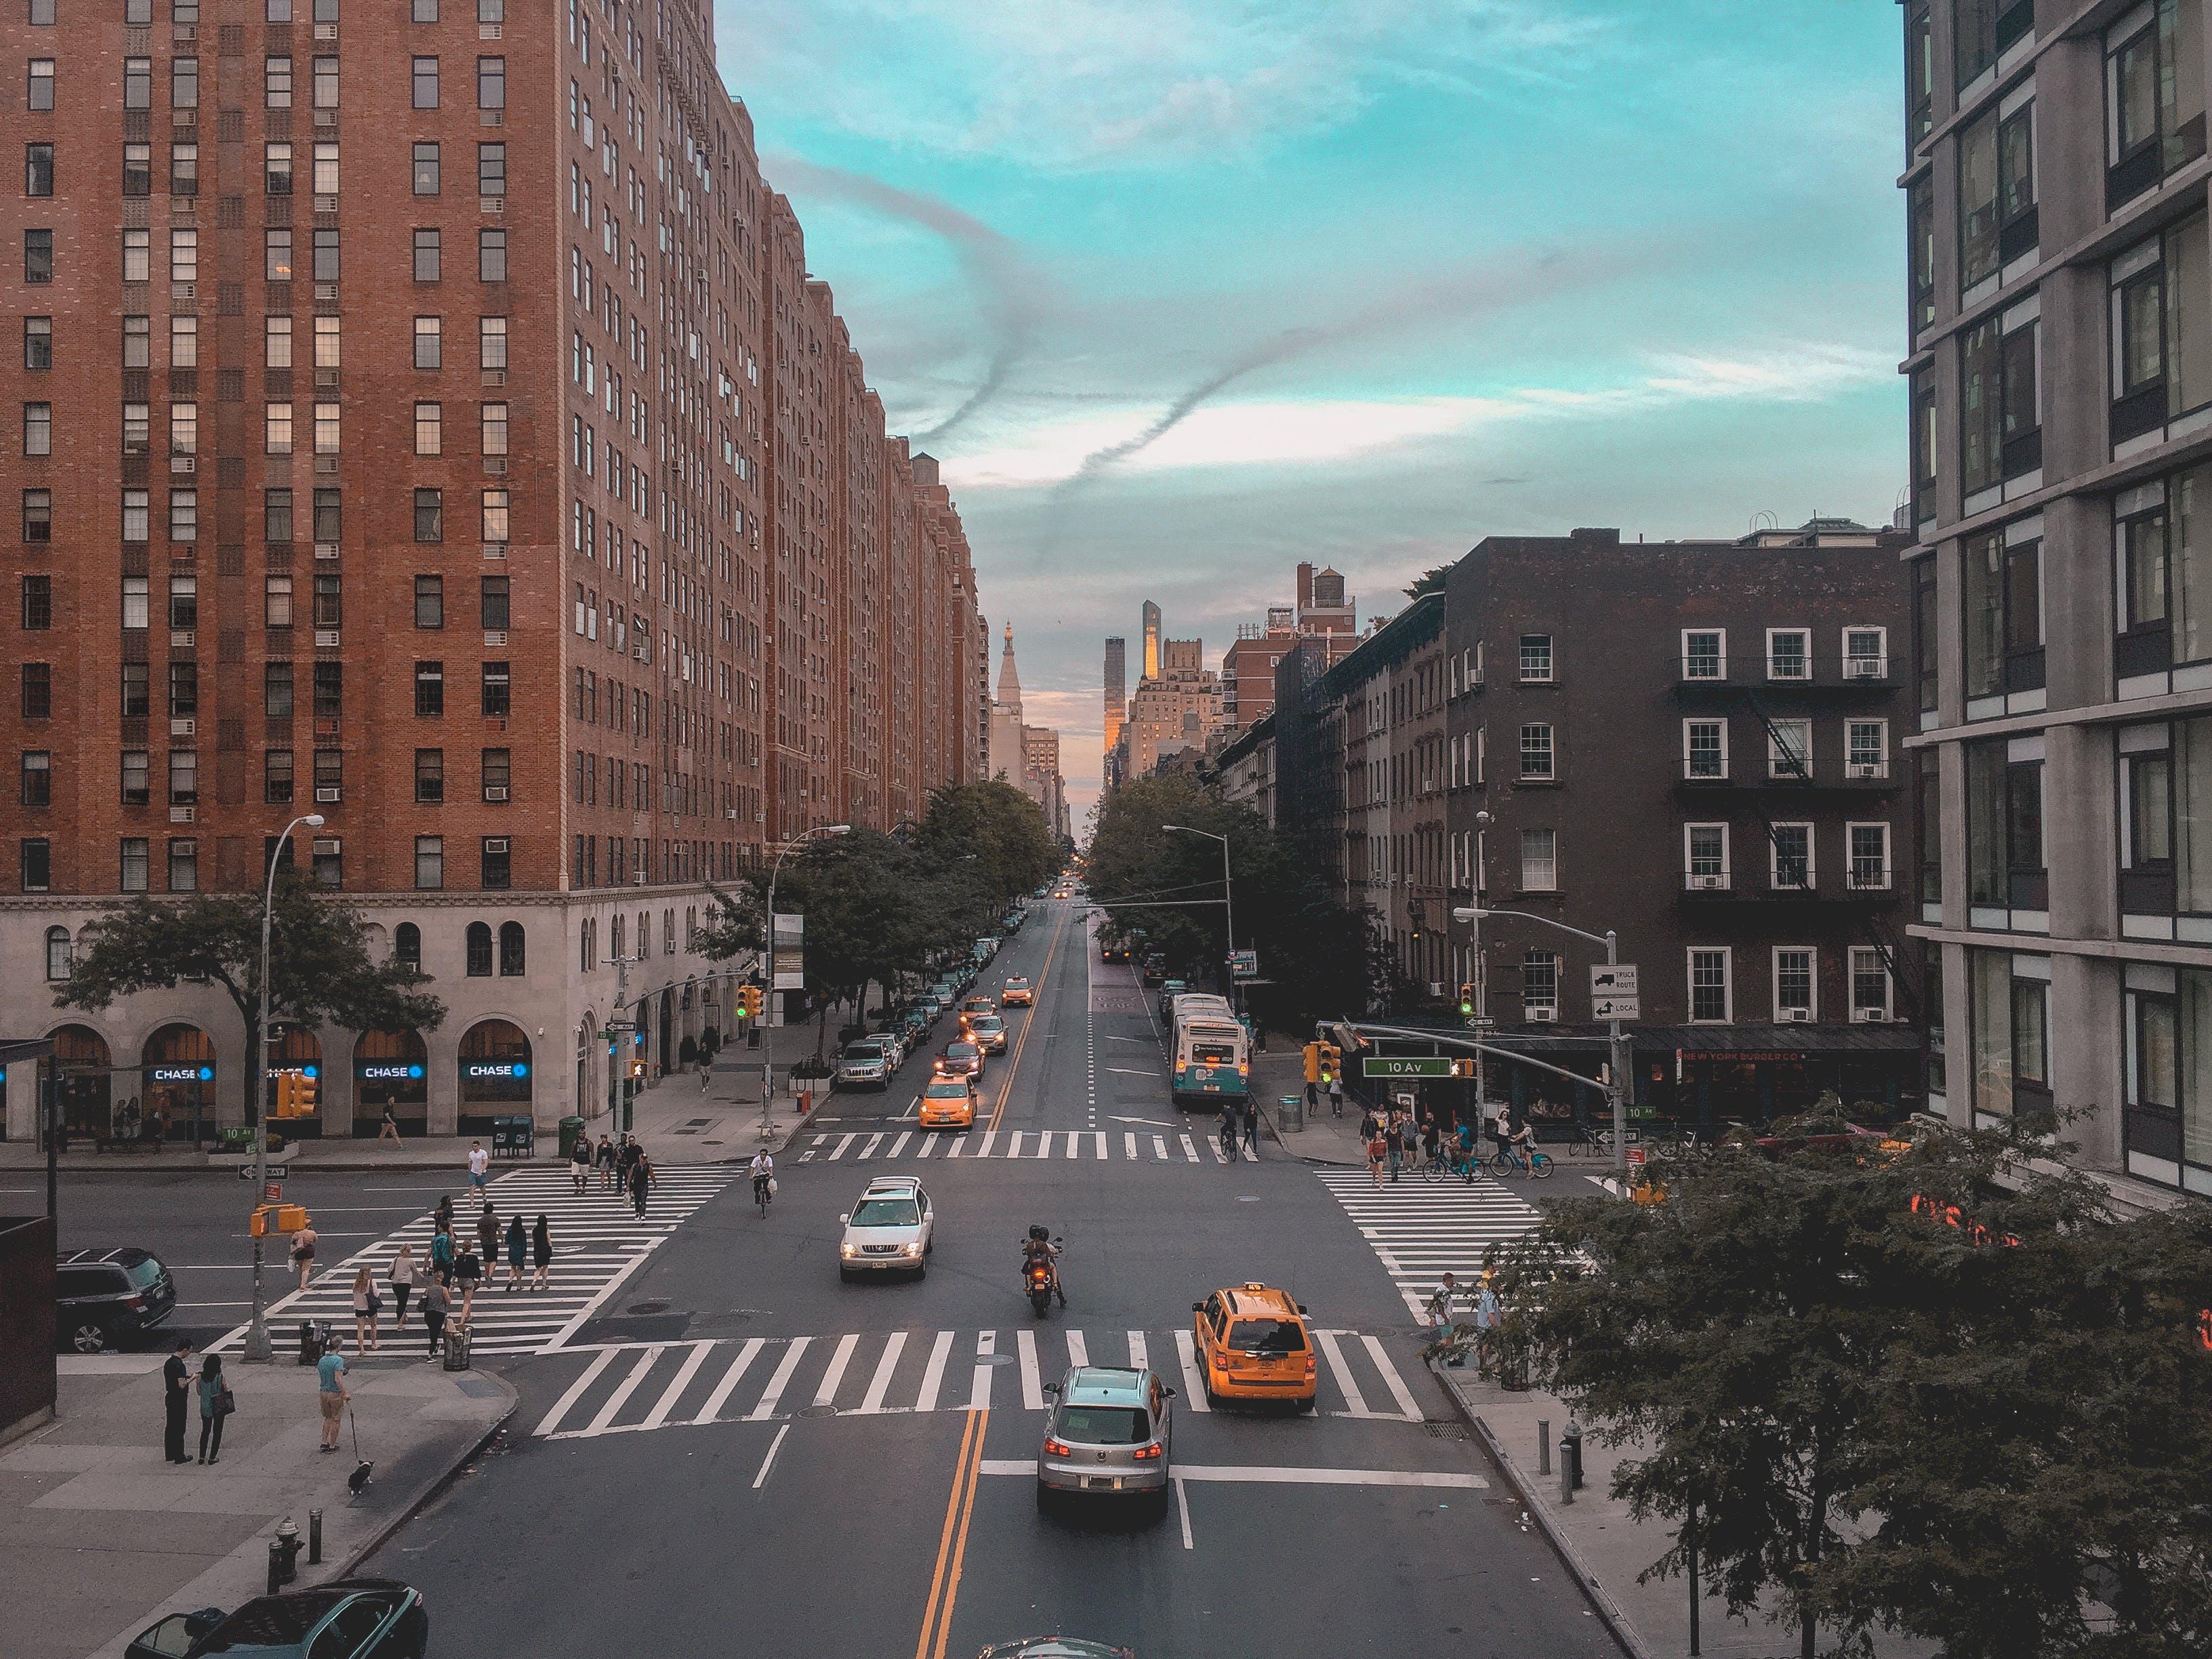 Kostenloses Stock Foto zu architektur, autos, bäume, büros